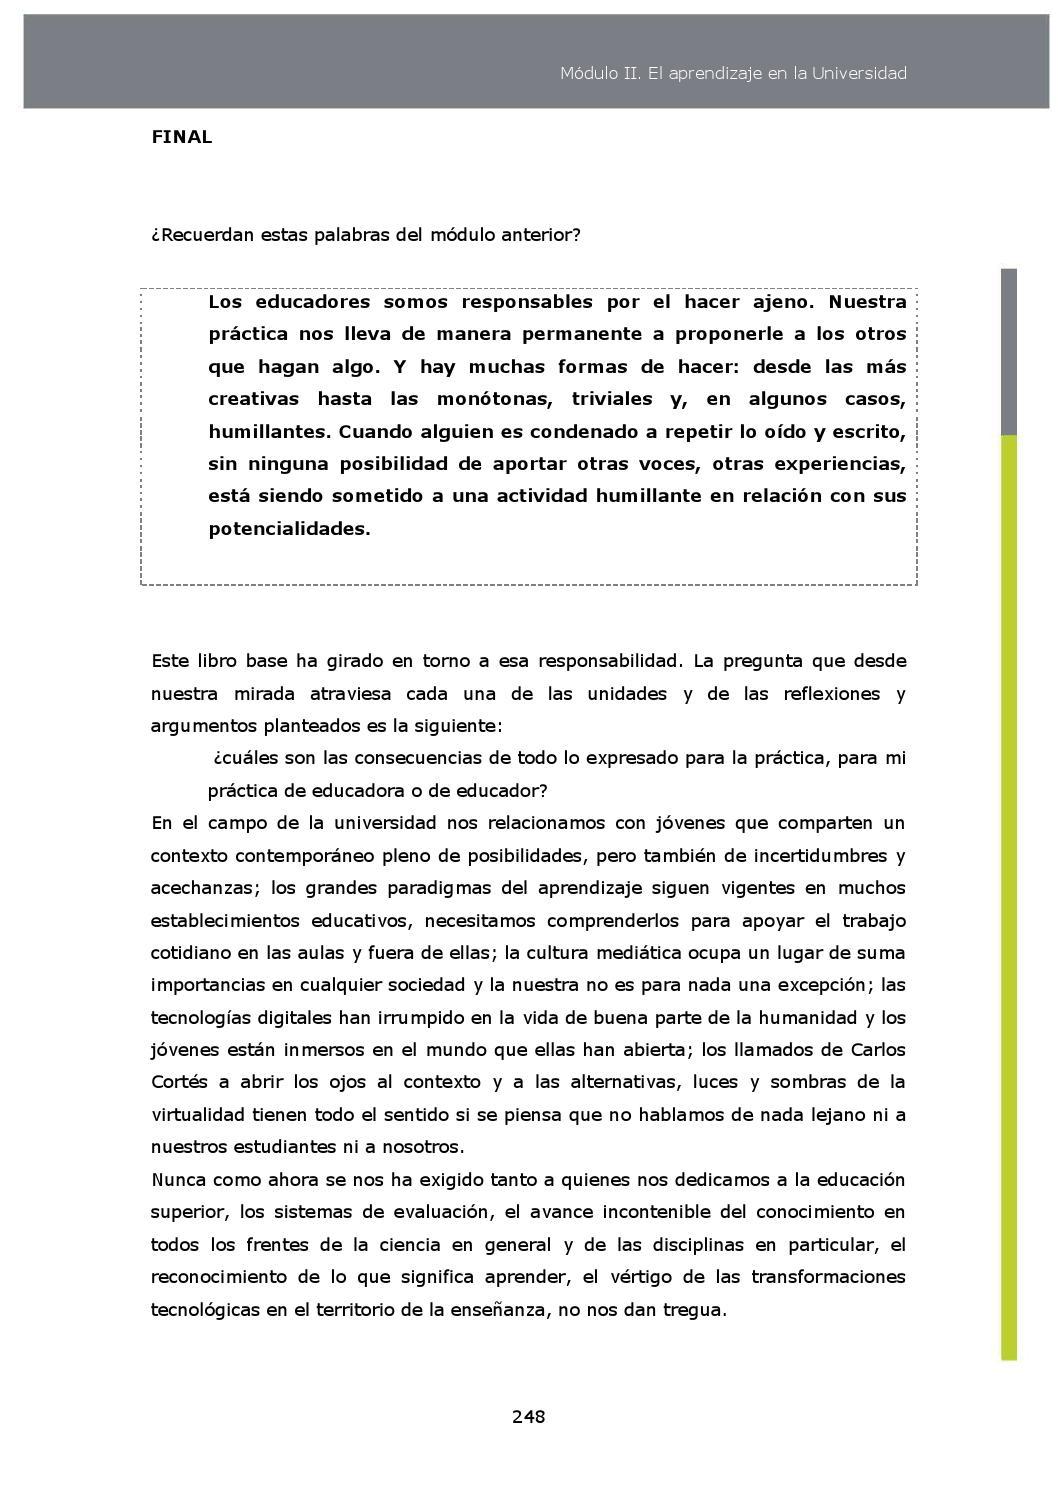 Modulo 2 Final 20 By Educación Superior Issuu